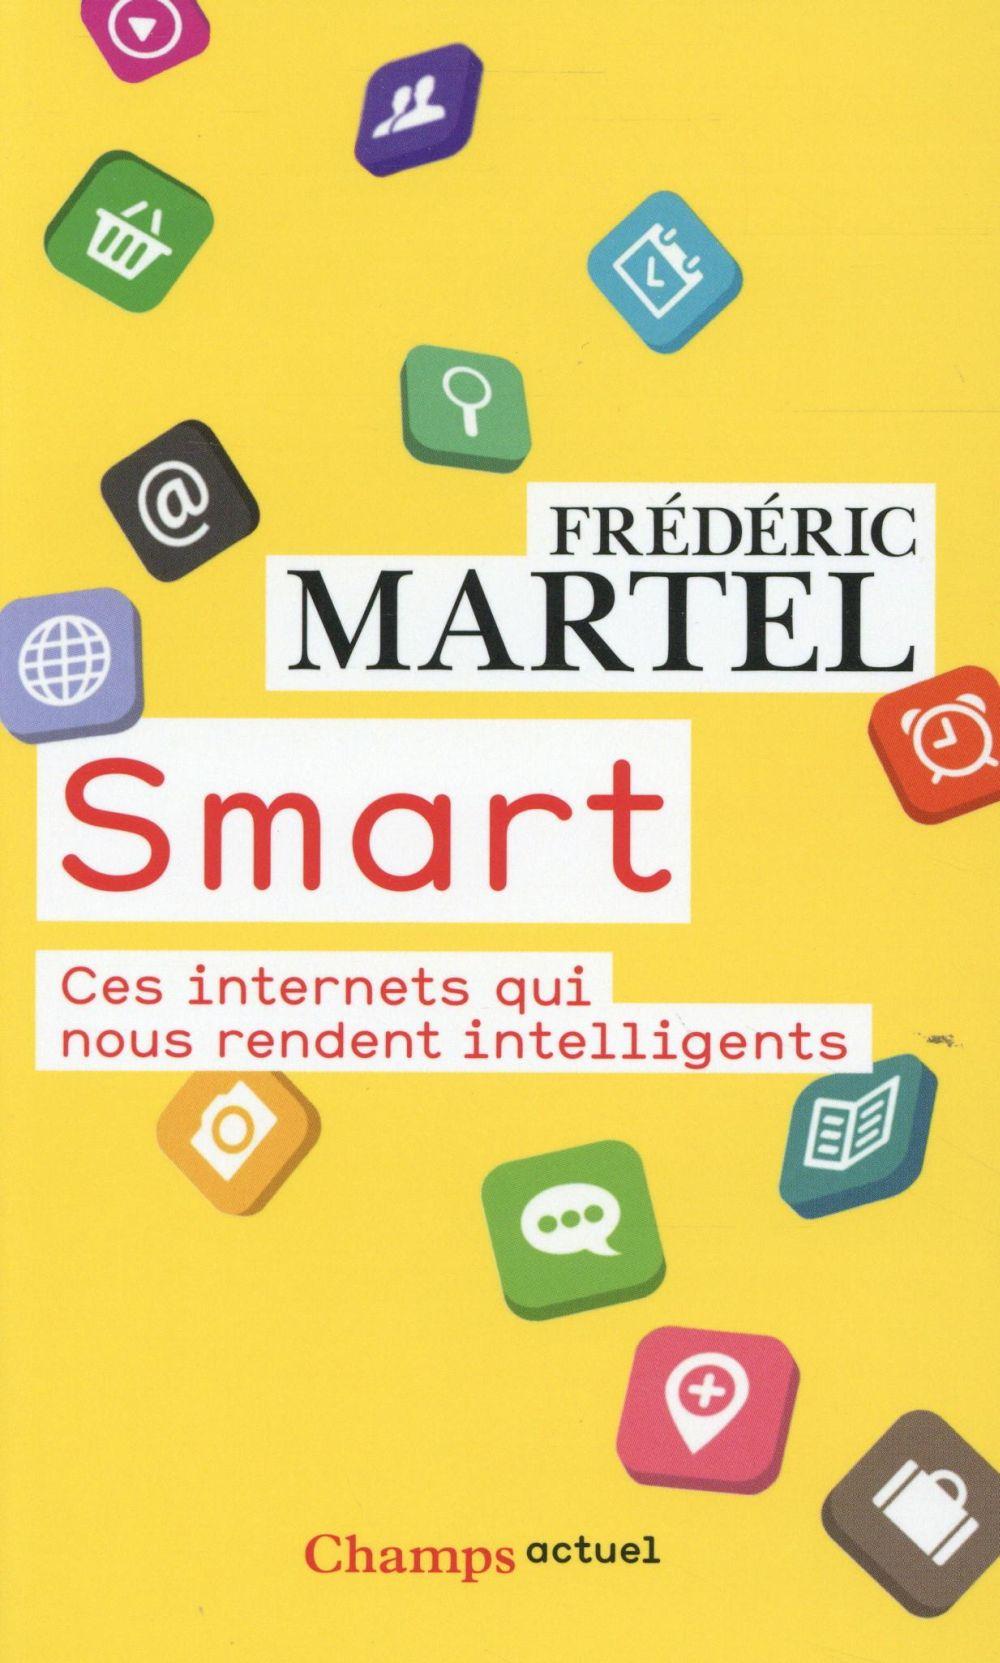 SMART - CES INTERNETS QUI NOUS MARTEL FREDERIC FLAMMARION